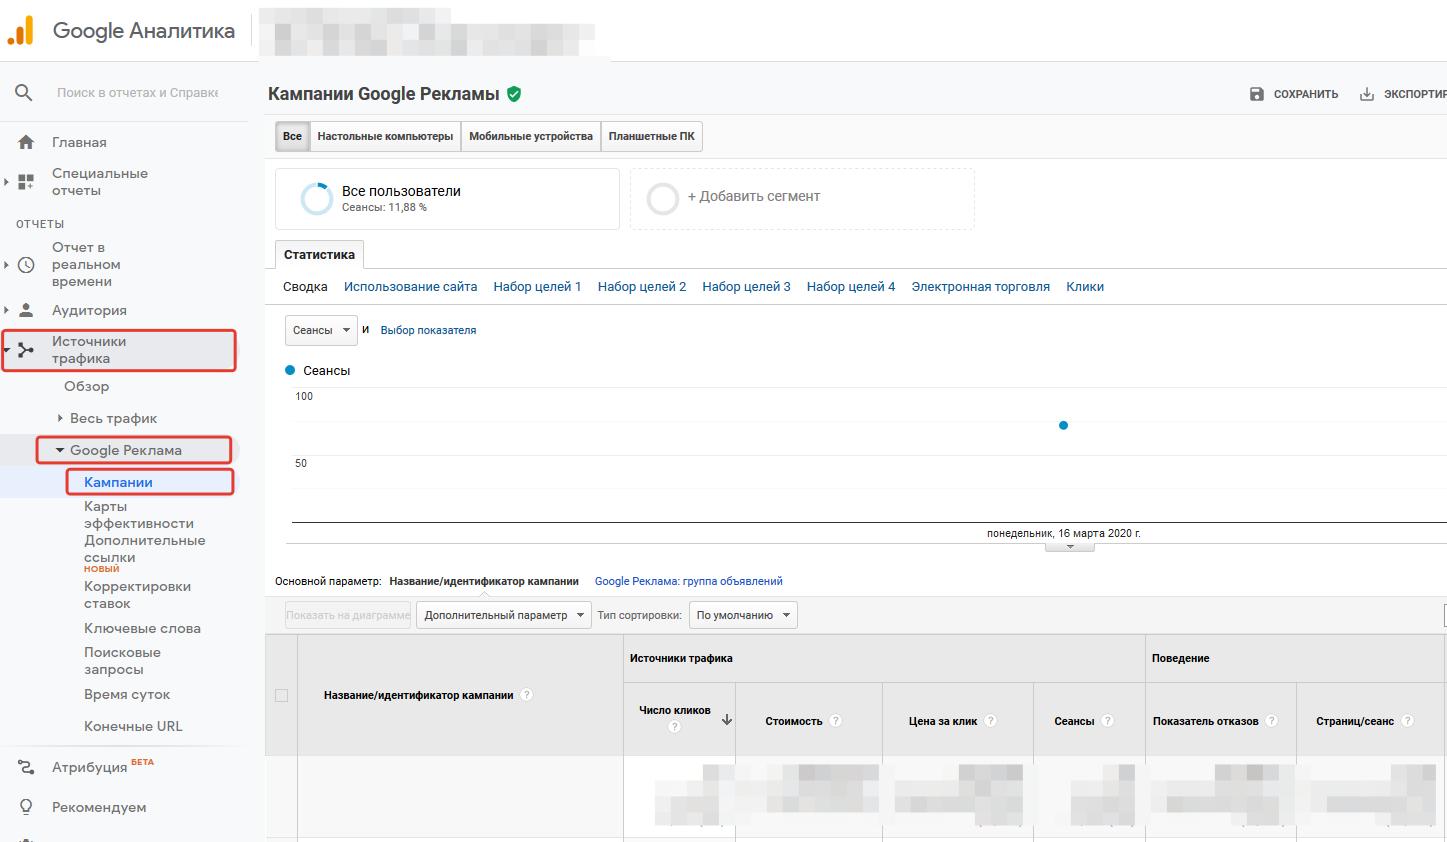 Открываем отчет по контекстной рекламе в Google Analytics